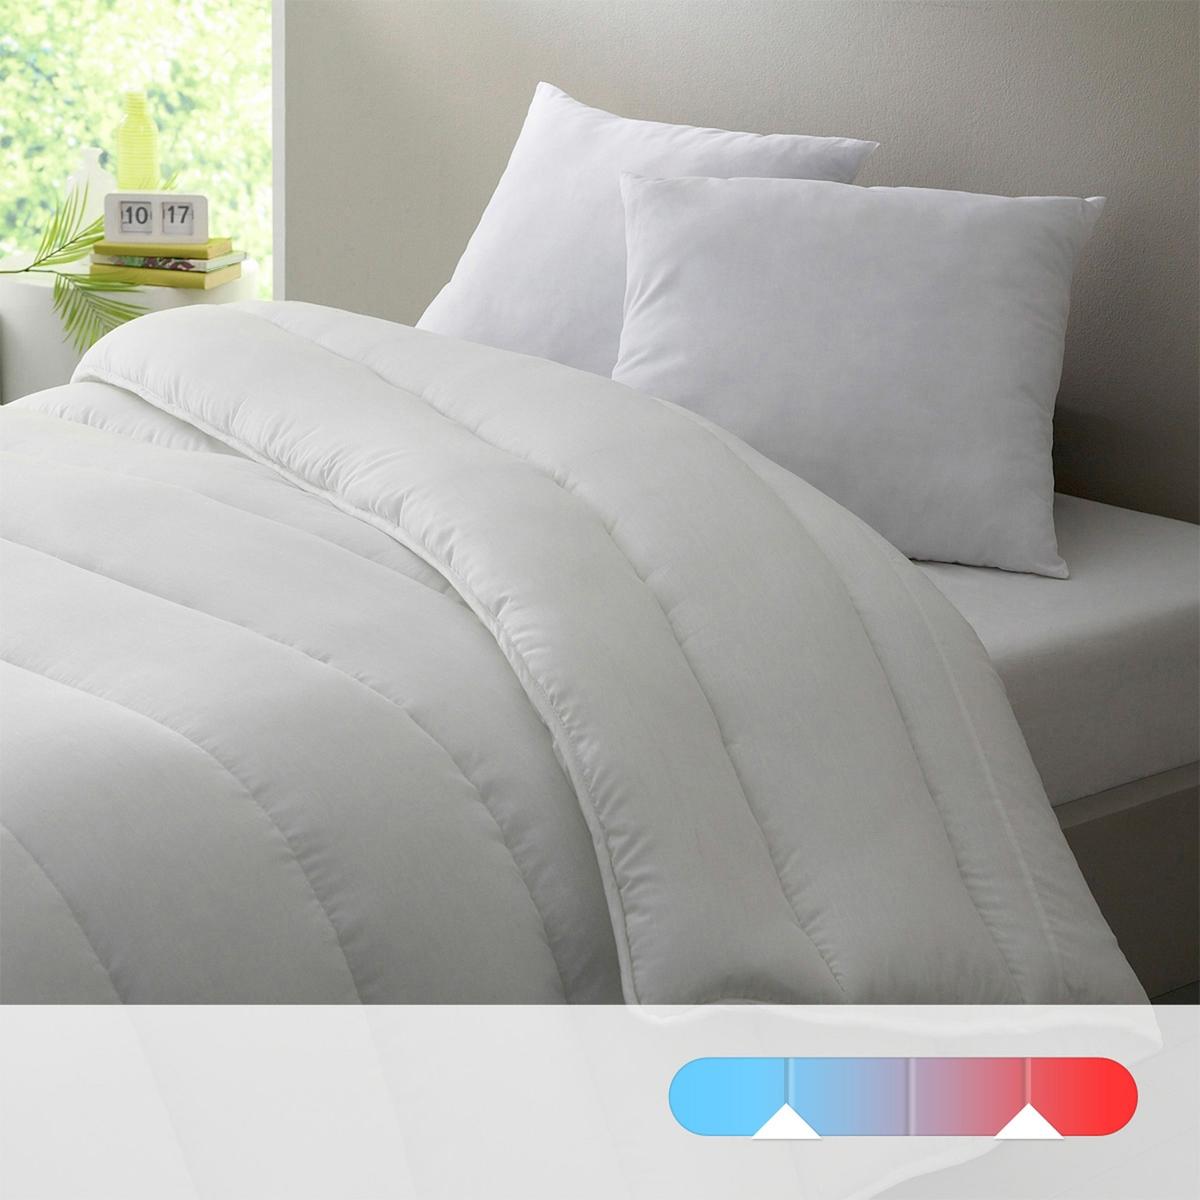 Мини-цена Одеяло двойное для любого времени года,175 г/м и 300 г/м